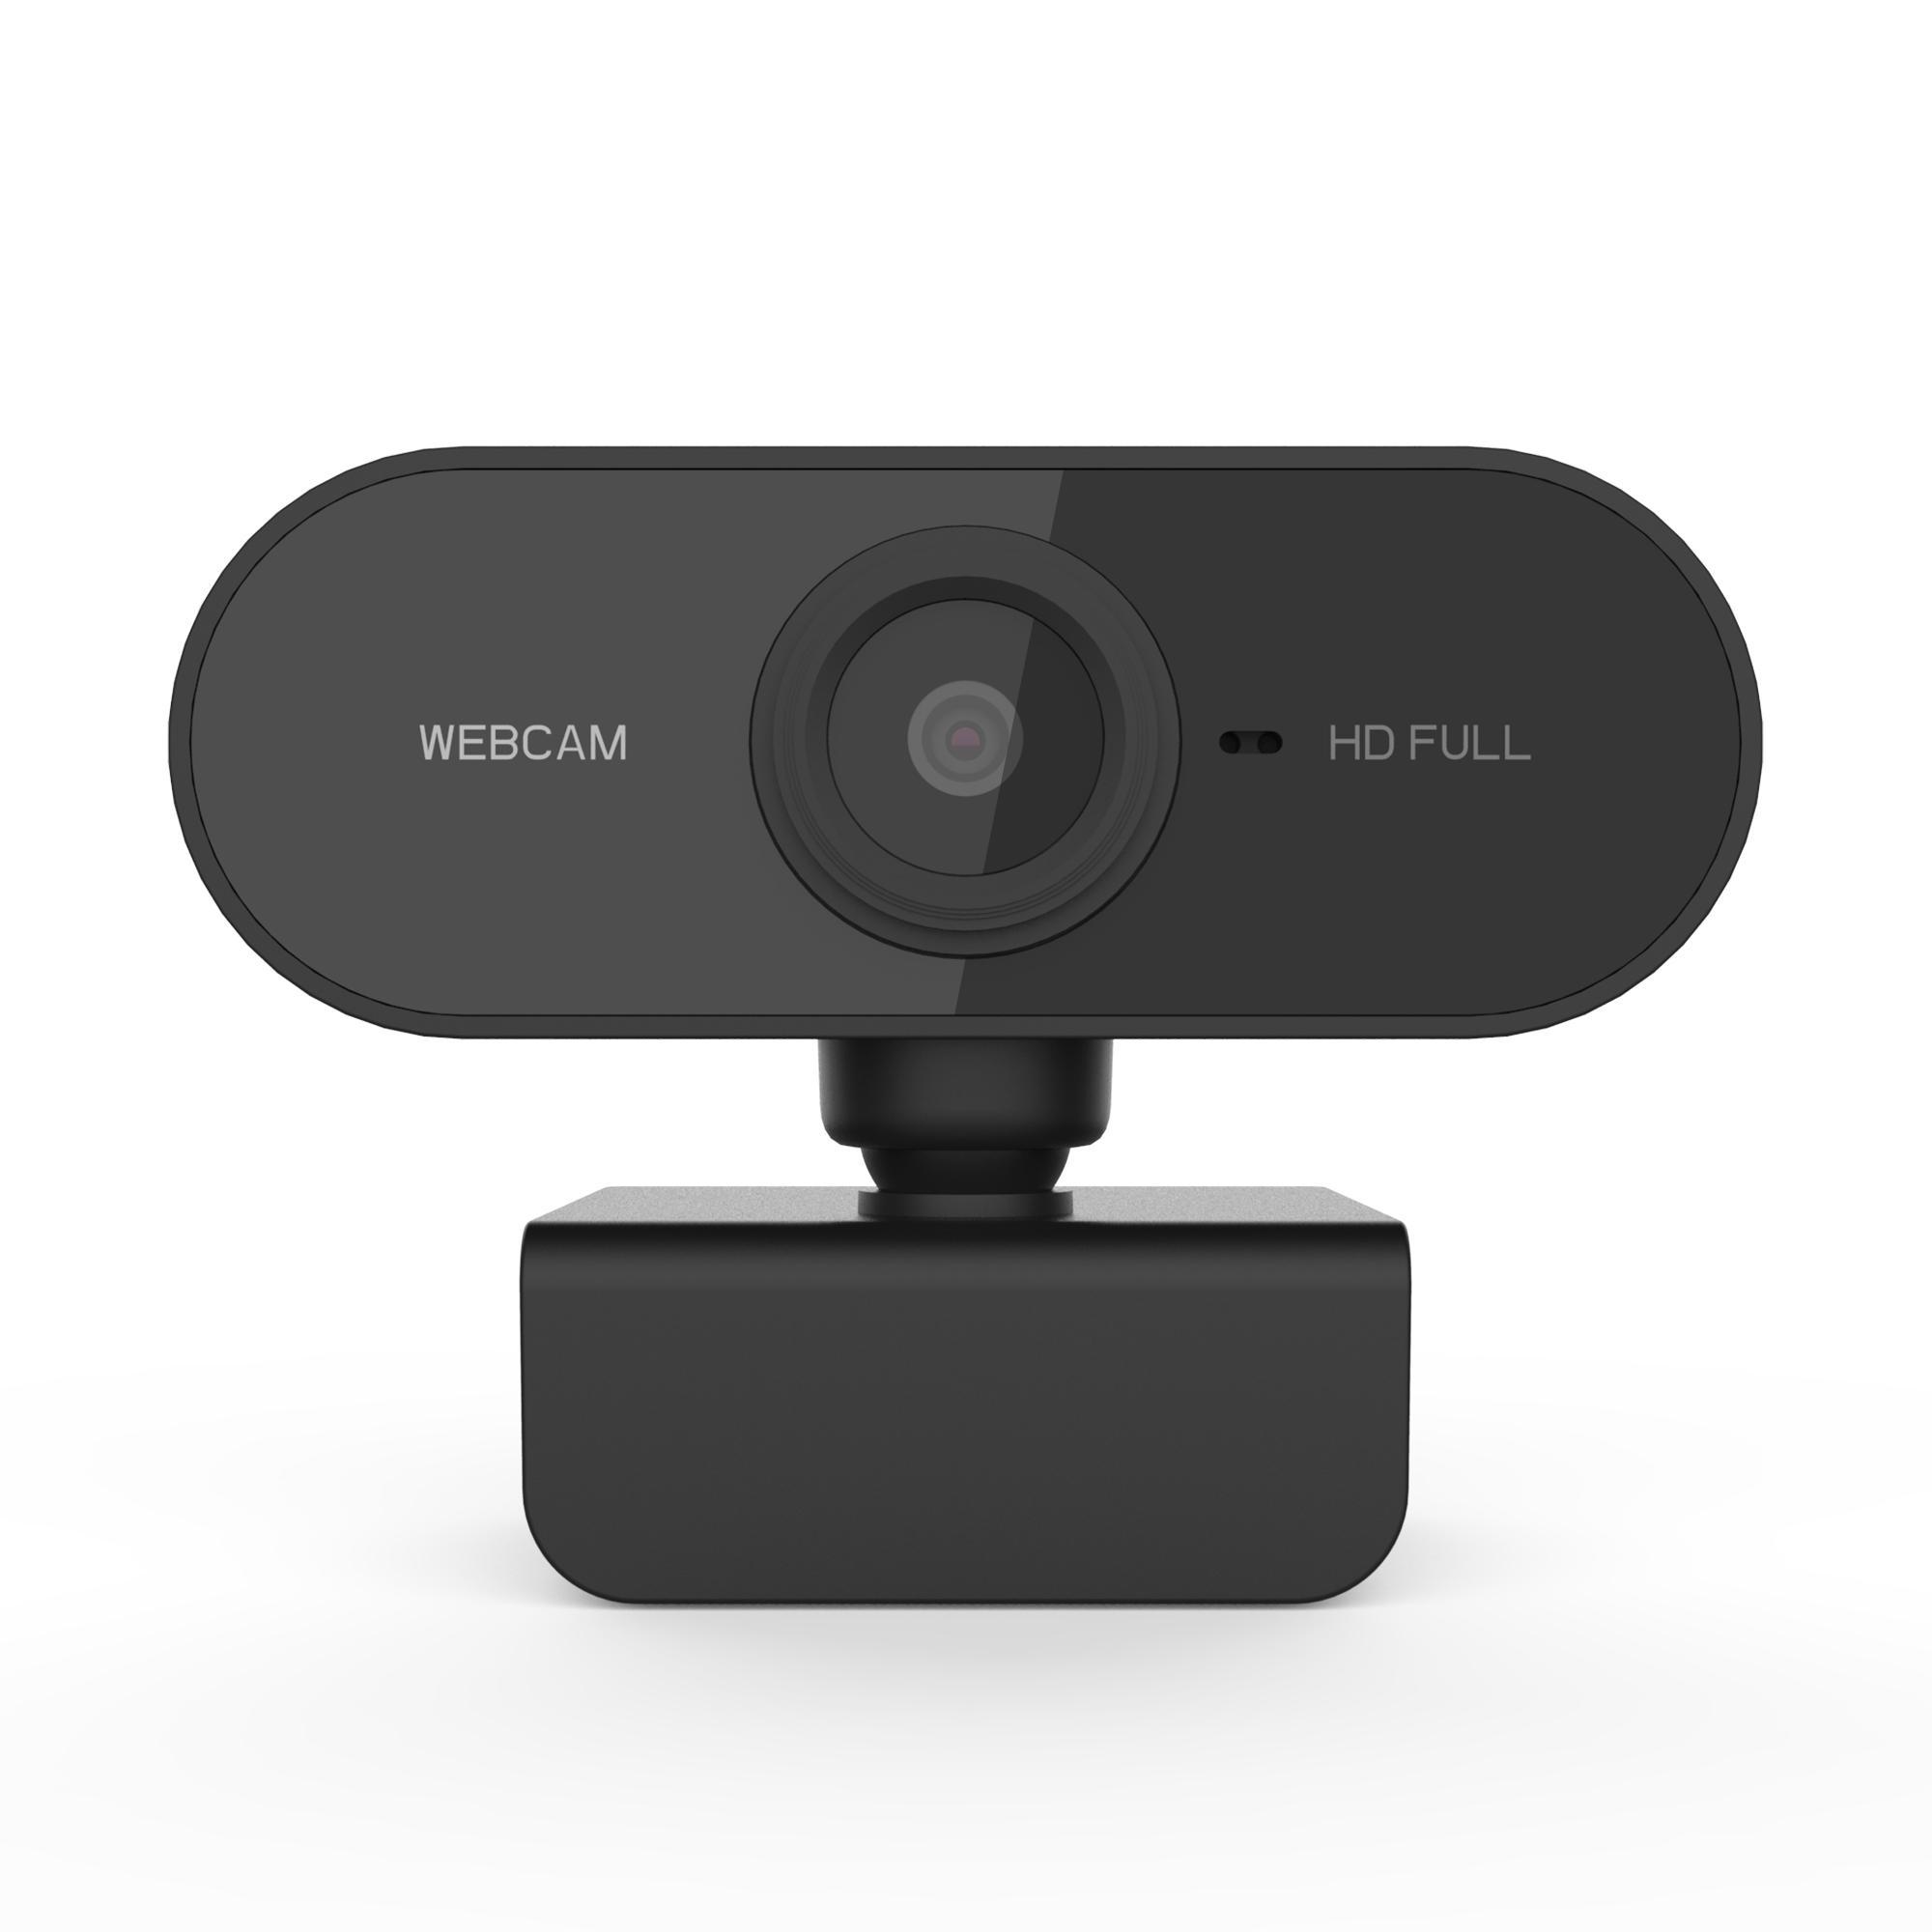 Mini macchina fotografica Computer Full HD 720P Webcam USB Microfono incorporato 360 degreeFlexible ruotabile webcam per computer portatili desktop